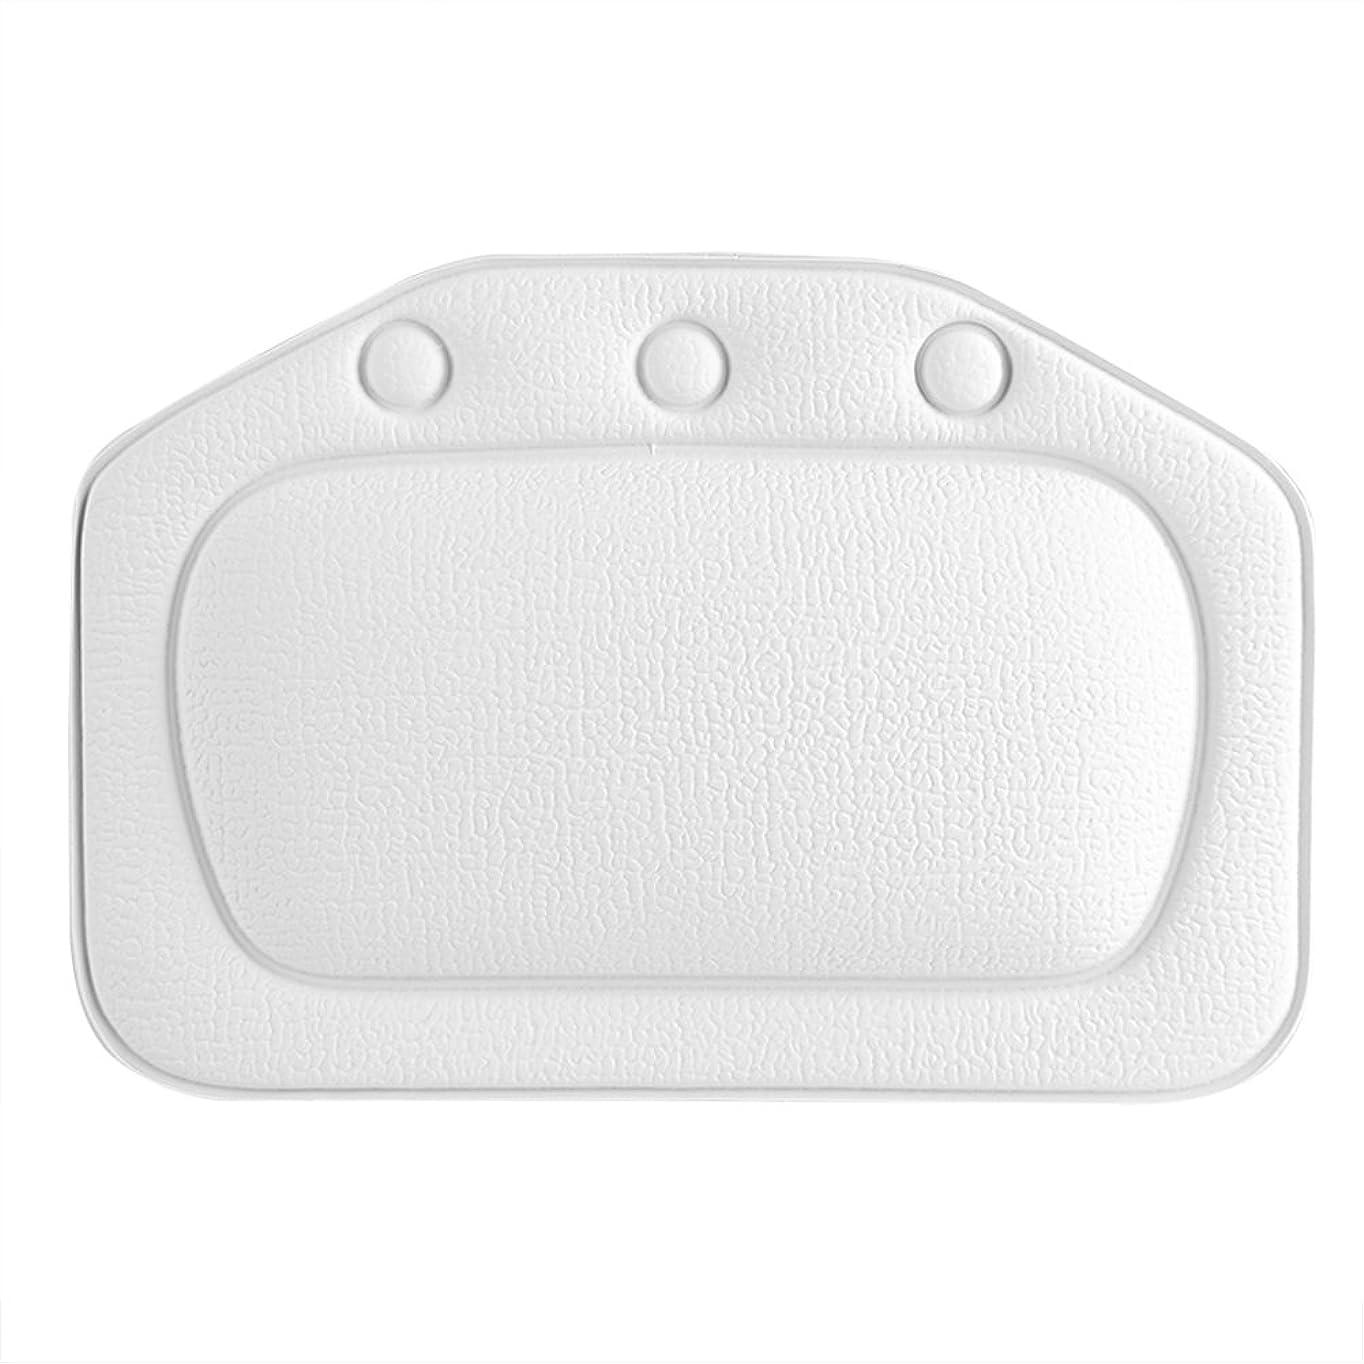 スパバスピロー、ソフトフォームパッド付き人間工学に基づいたバスタブクッションピロー浴槽ヘッドレストヘッドネックバッククッションピロー(白)